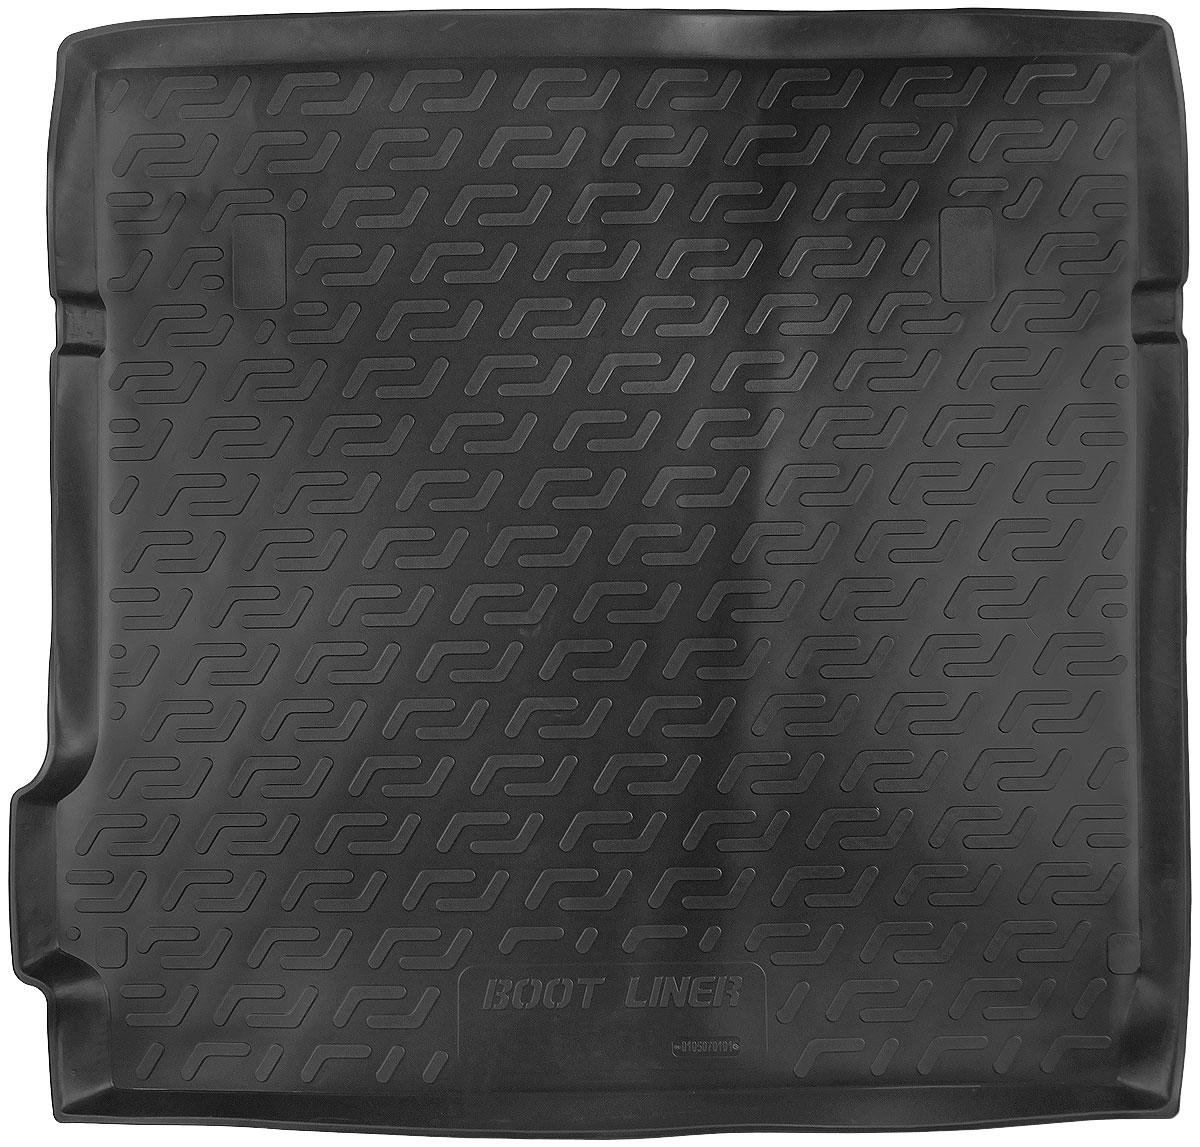 Коврик в багажник L.Locker, для Nissan Pathfinder (04-)Ветерок 2ГФКоврик L.Locker производится индивидуально для каждой модели автомобиля из современного и экологически чистого материала. Изделие точно повторяет геометрию пола автомобиля, имеет высокий борт, обладает повышенной износоустойчивостью, антискользящими свойствами, лишен резкого запаха и сохраняет свои потребительские свойства в широком диапазоне температур (от -50°С до +80°С).